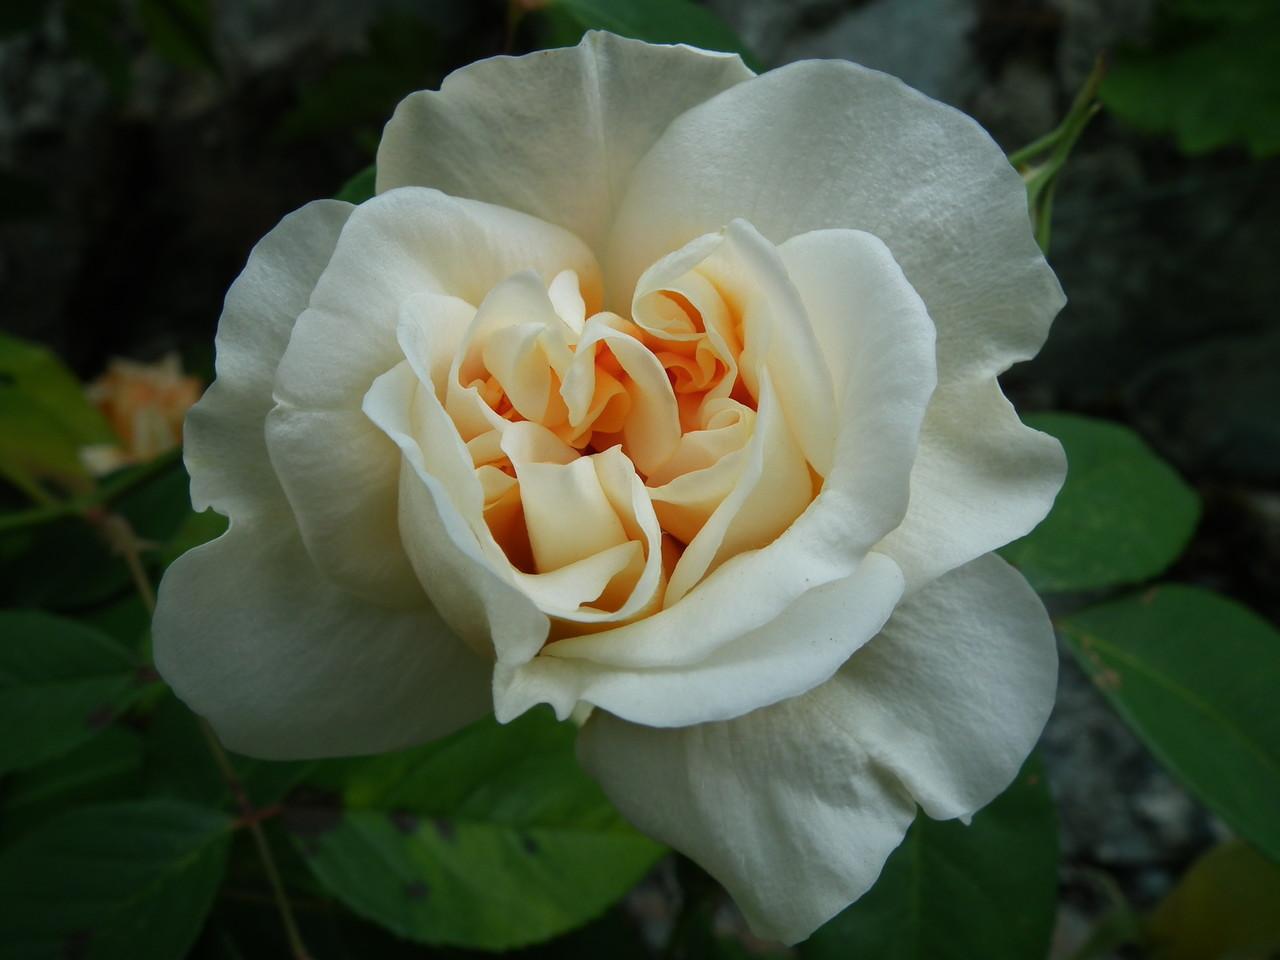 balade nature : les roses du jardin - Balade nature